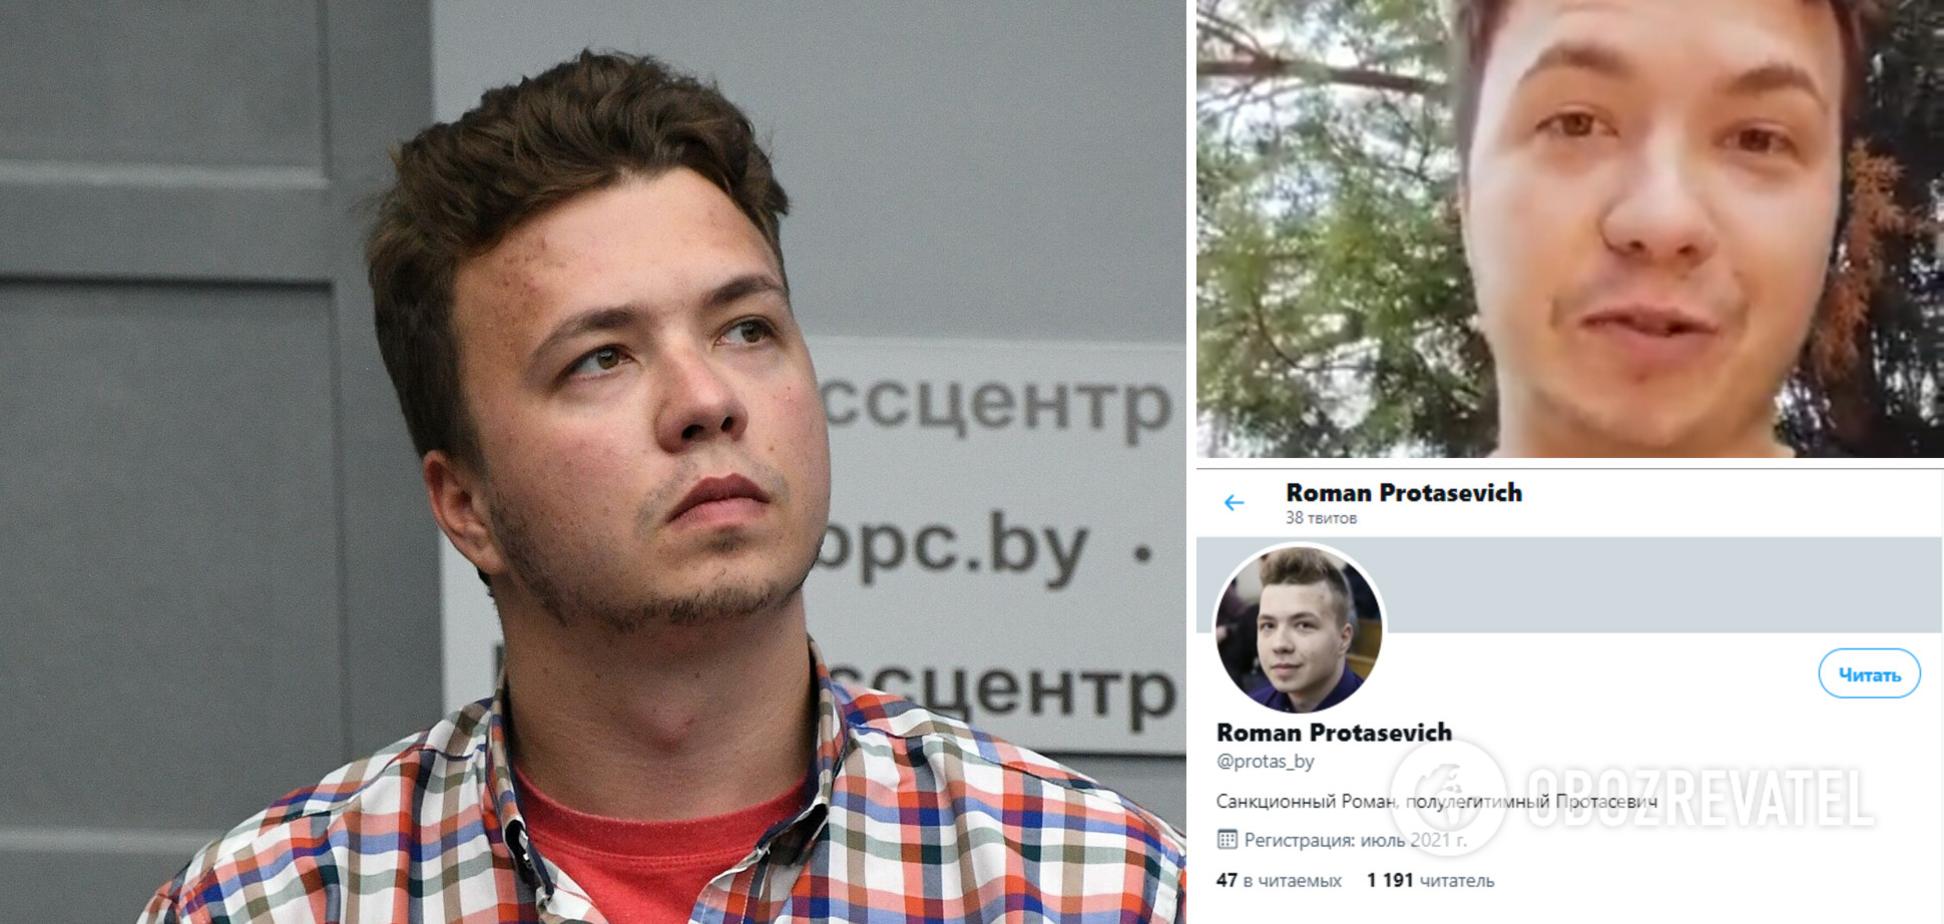 Протасевич записал обращение в соцсети и рассказал, покинет ли Беларусь